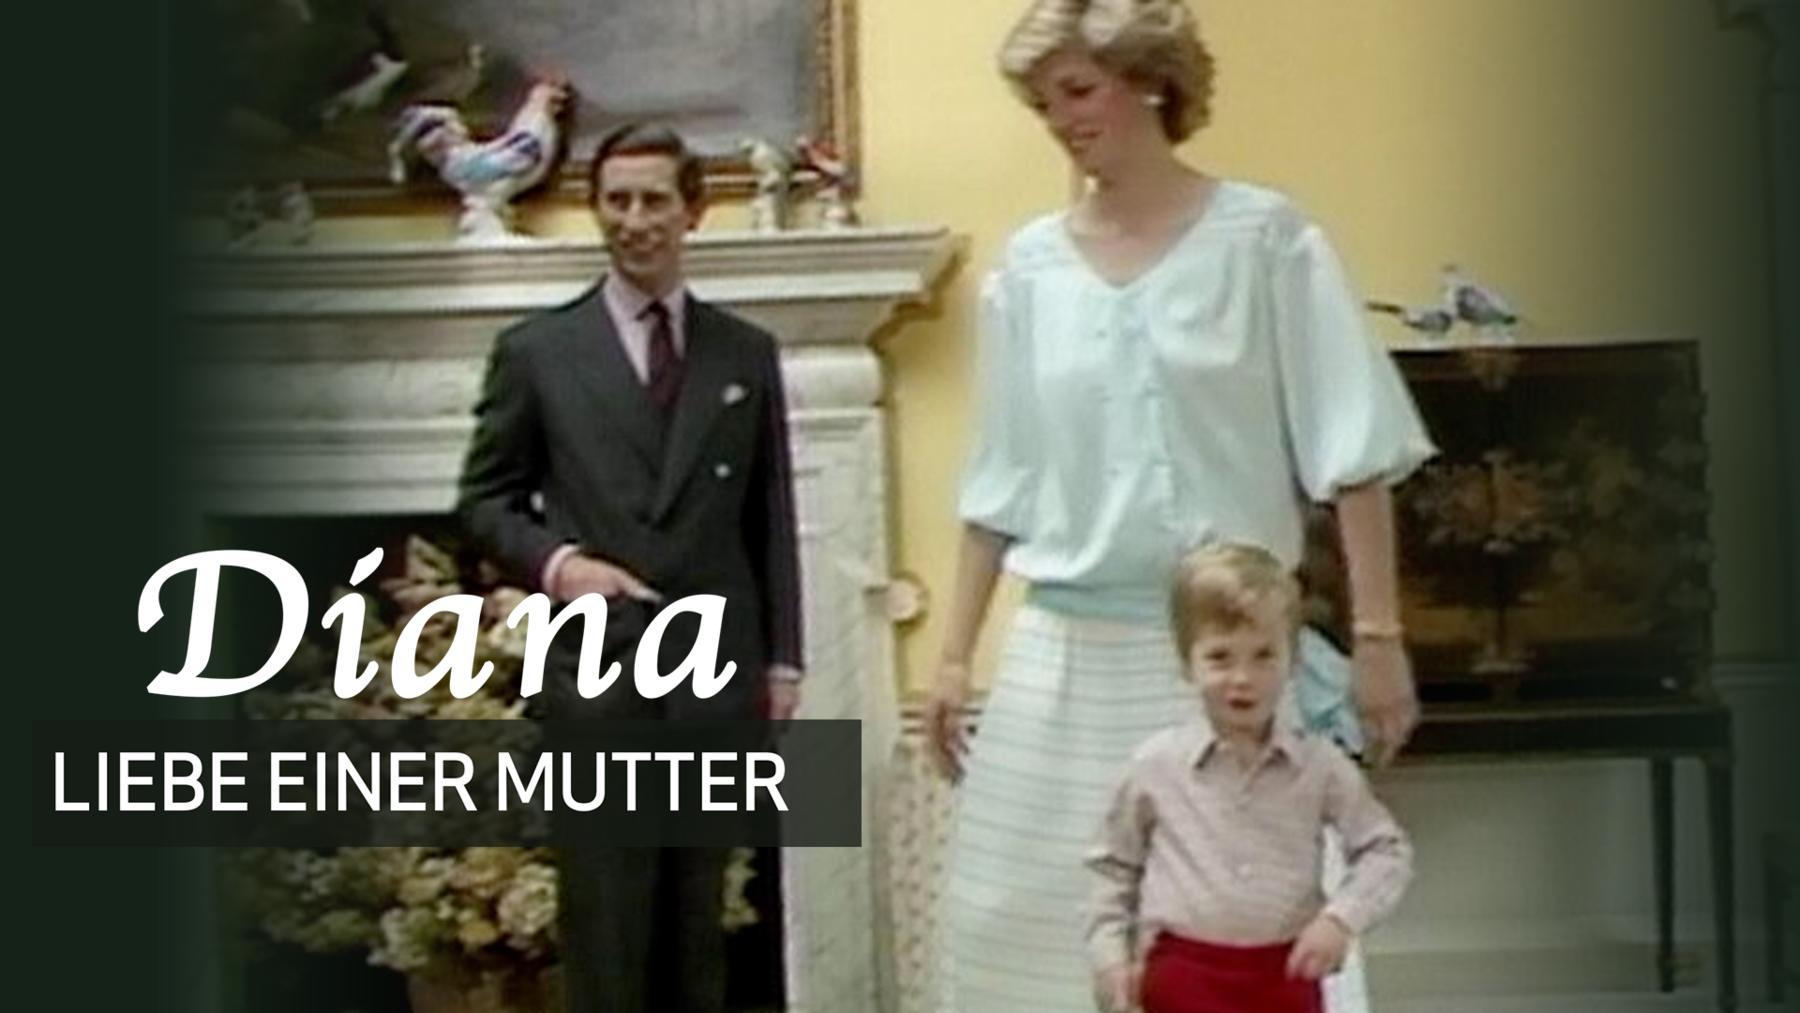 Diana - Die Liebe einer Mutter